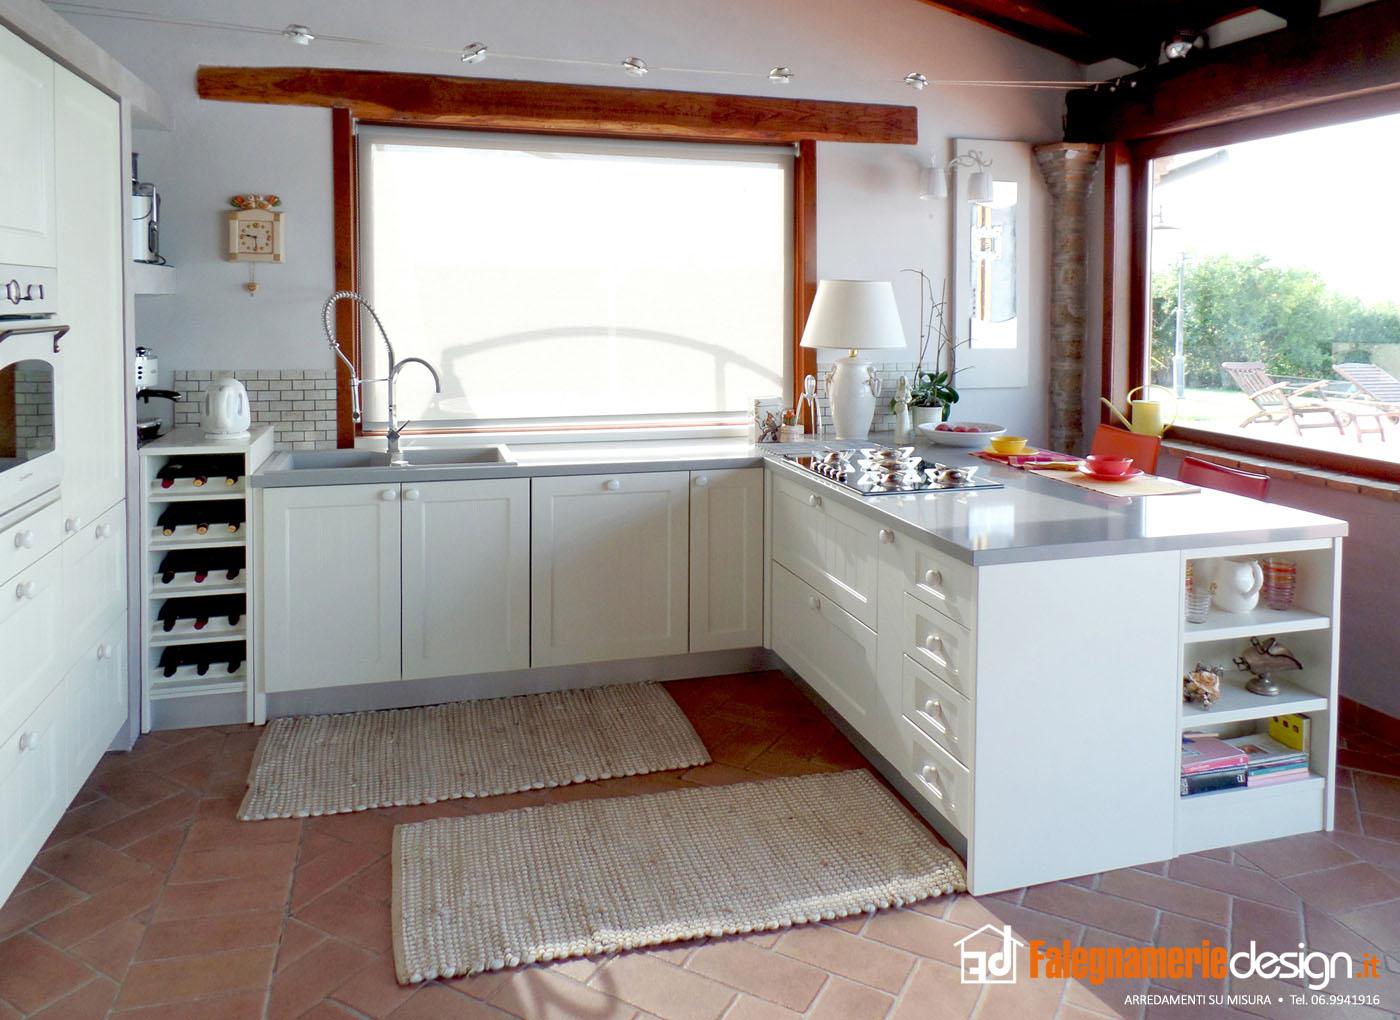 Cucina In Muratura Senza Pensili. Best Modello Di Cucina Senza ...